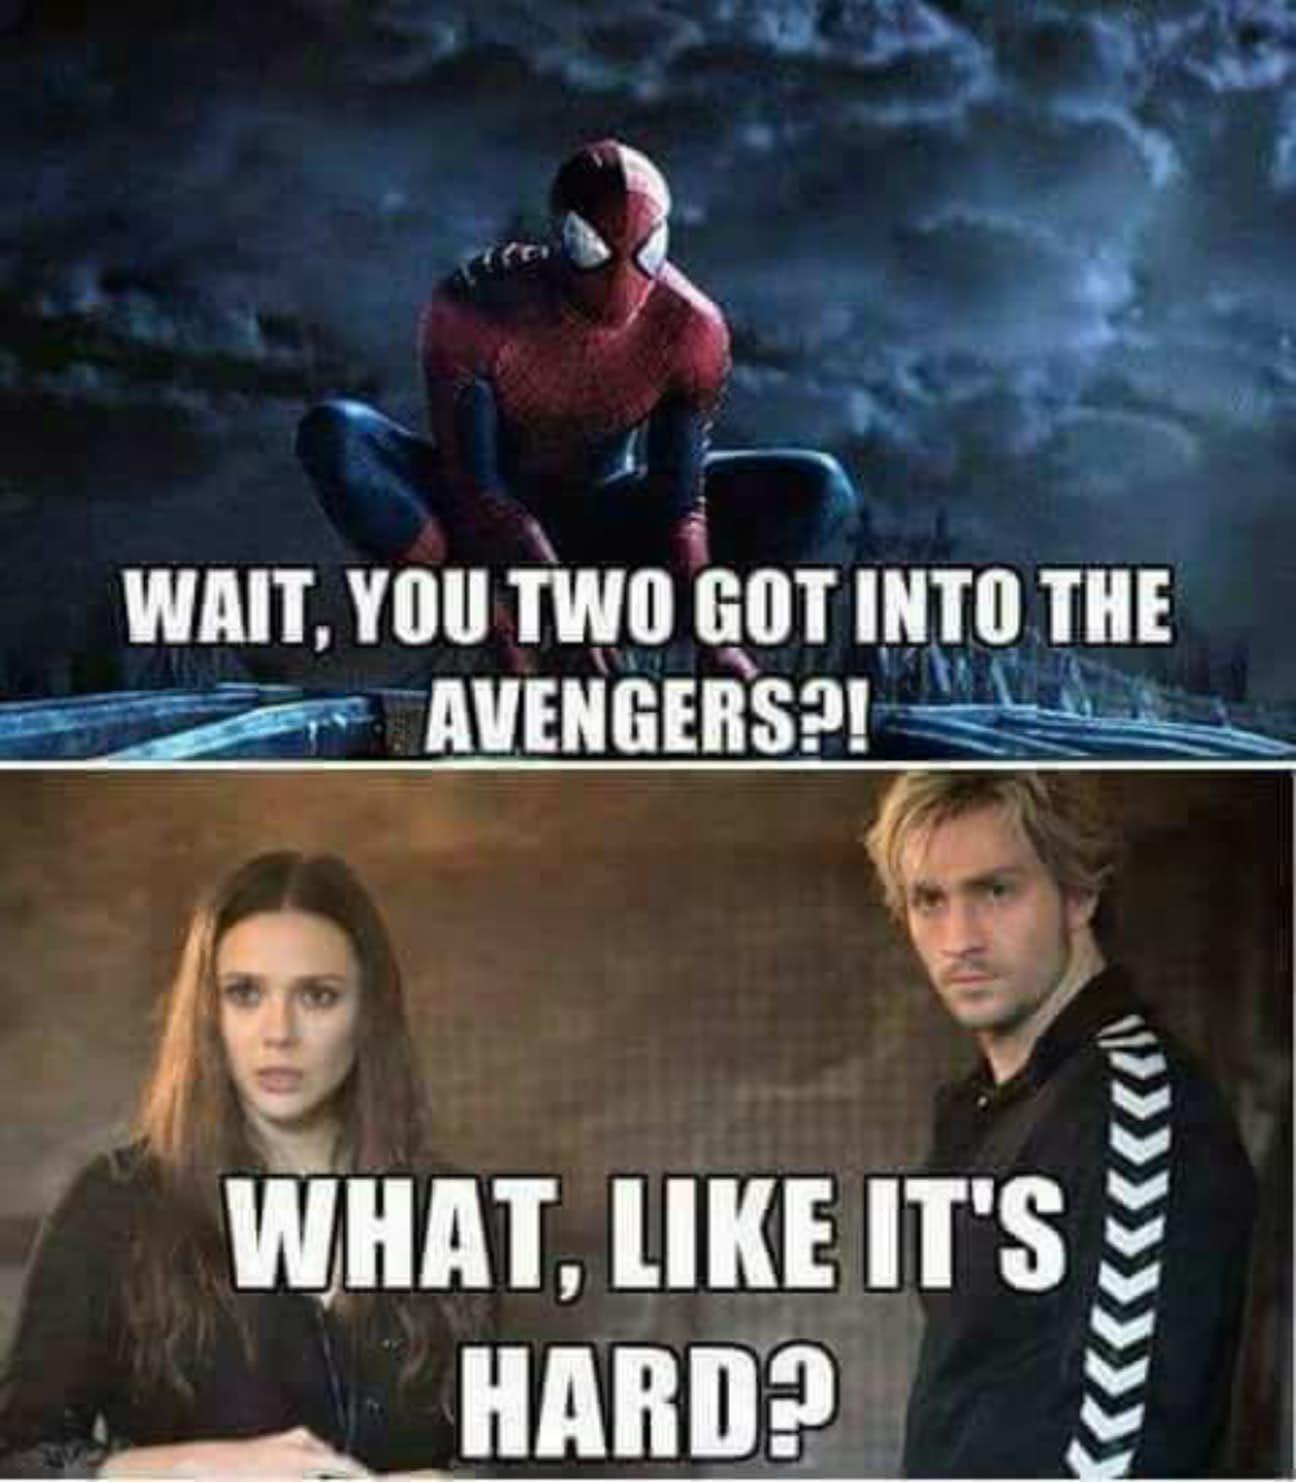 Mighty Funny: The Internet's 15 Dankest Avengers Memes